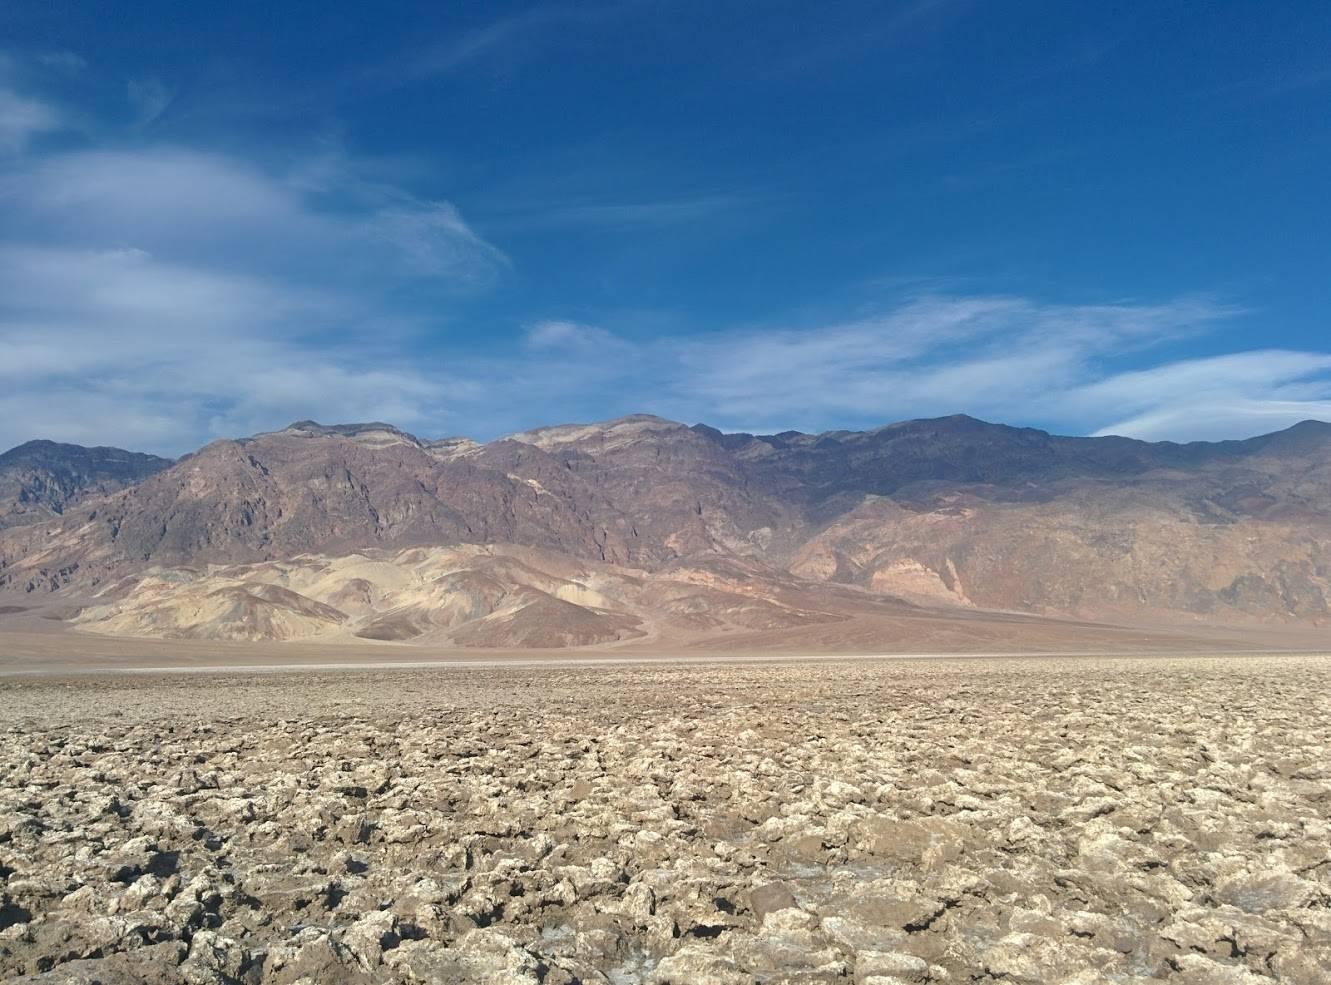 Photo 1: Dans la fournaise de la Death Valley